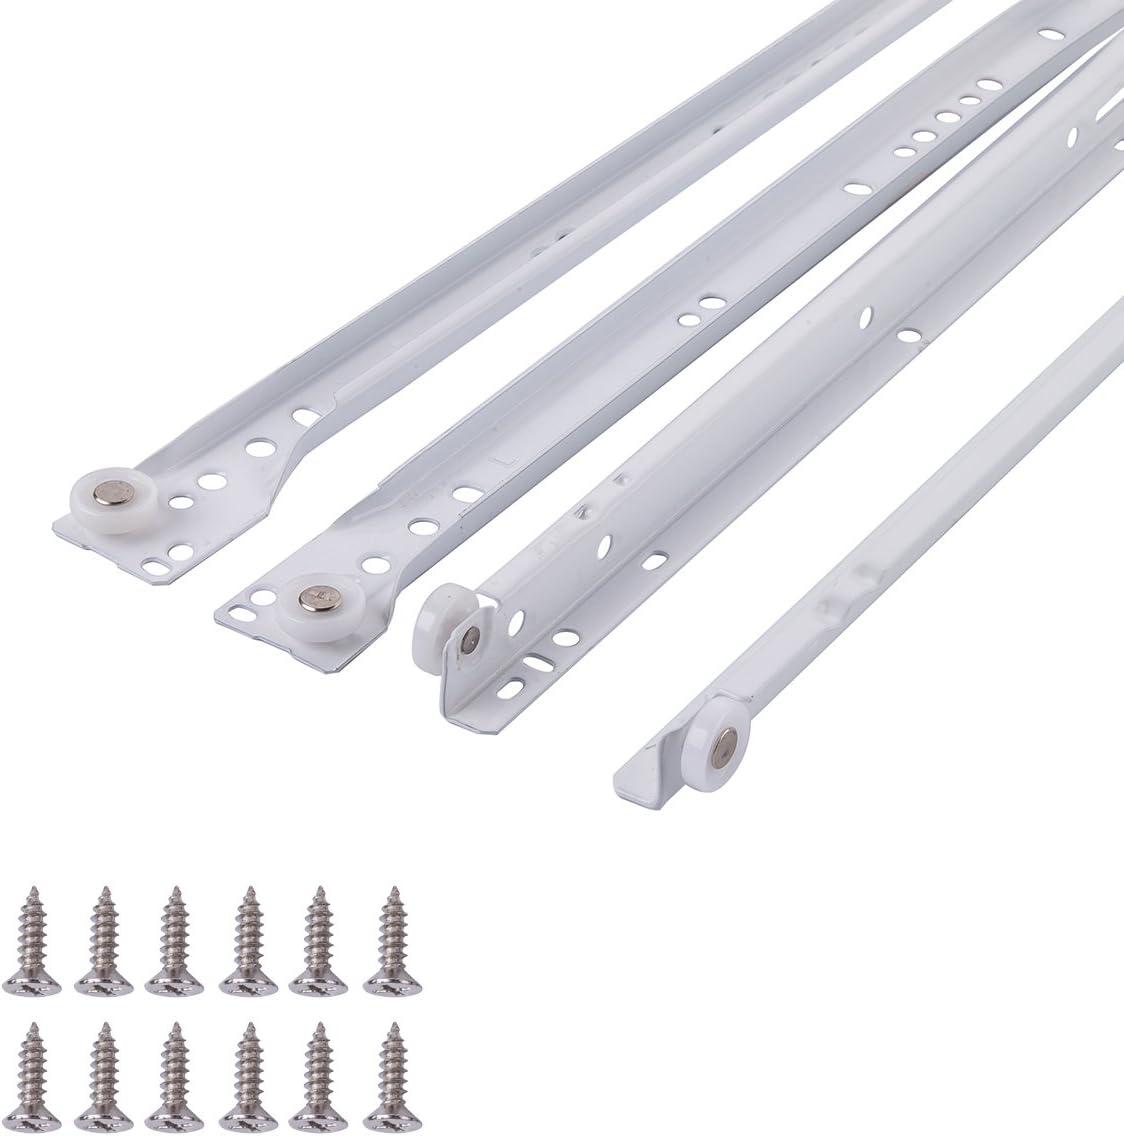 AmazonBasics - Guías correderas para cajones, tipo europeo, 35,6 cm, revestimiento blanco en polvo - paquete de 2